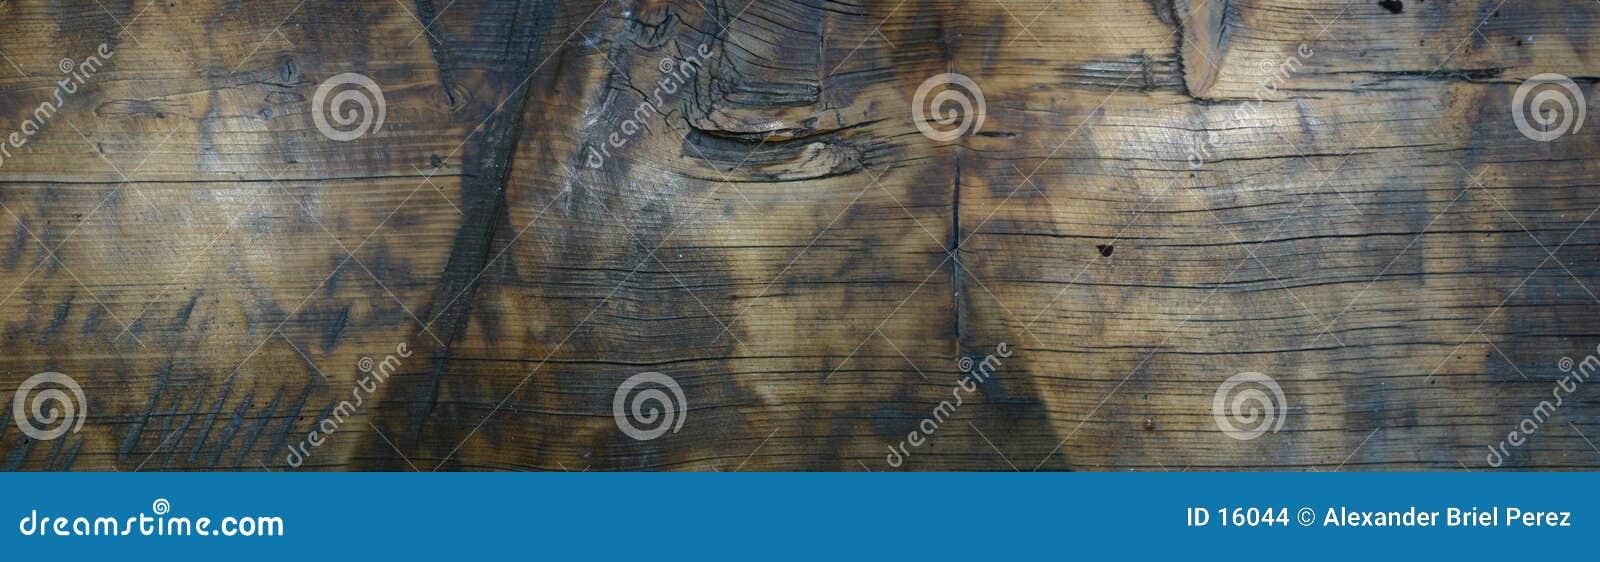 зерно делает по образцу древесину